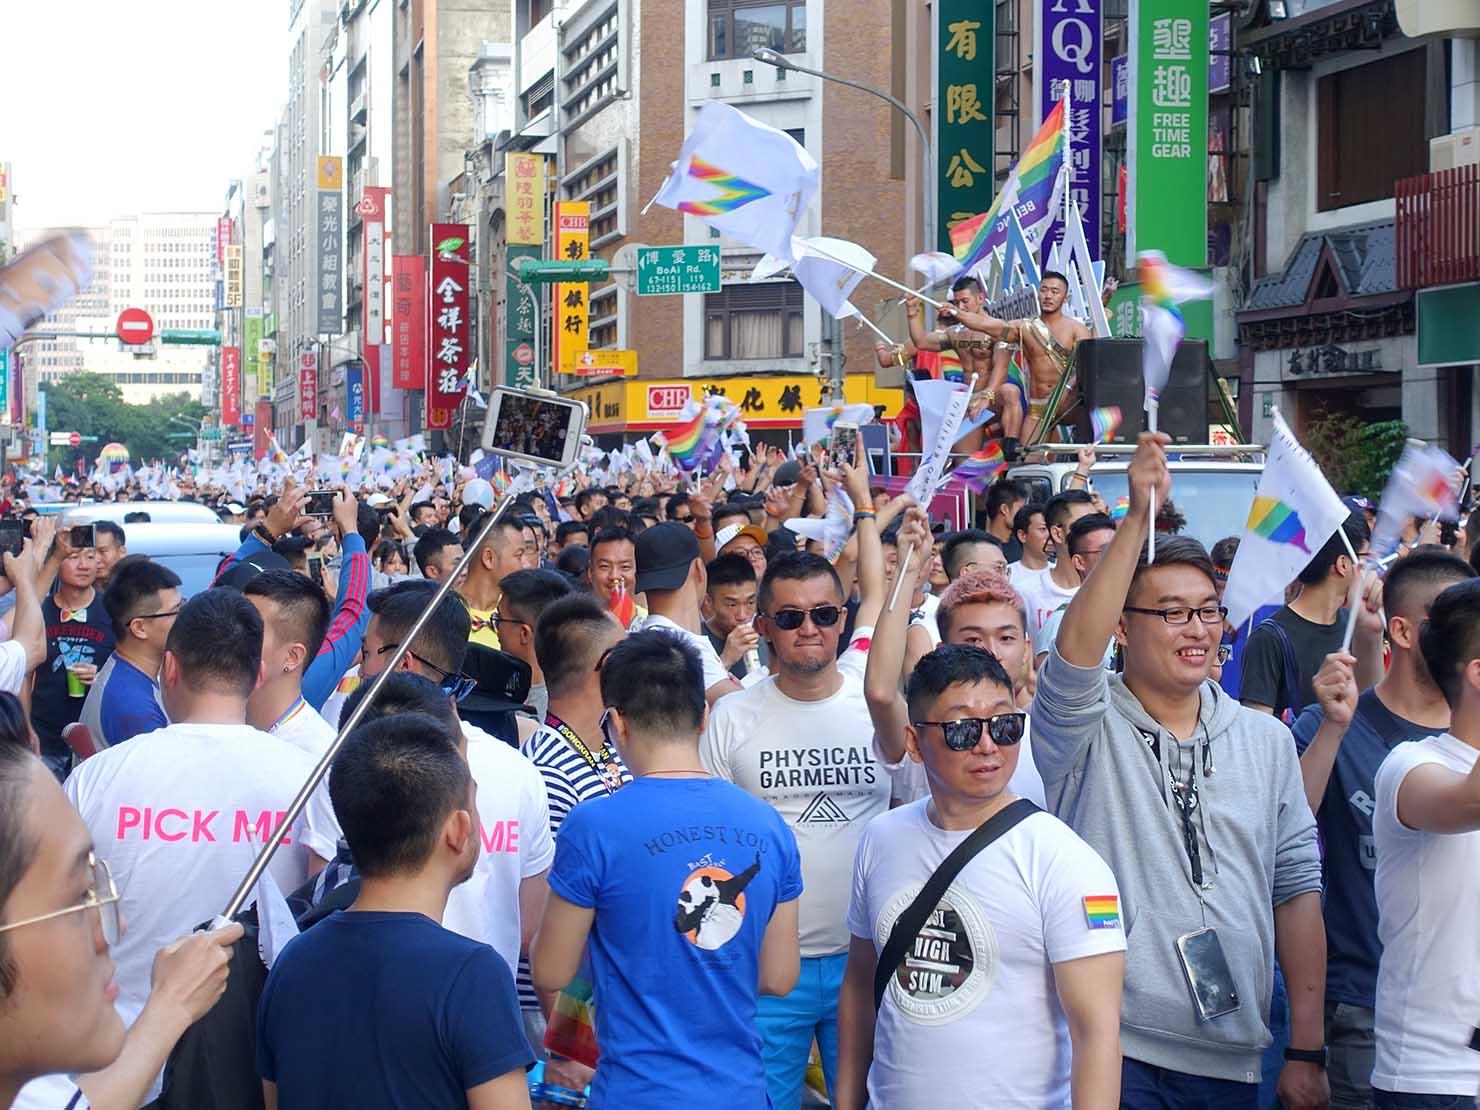 台灣同志遊行(台湾LGBTプライド)2018で盛り上がる参加者たち